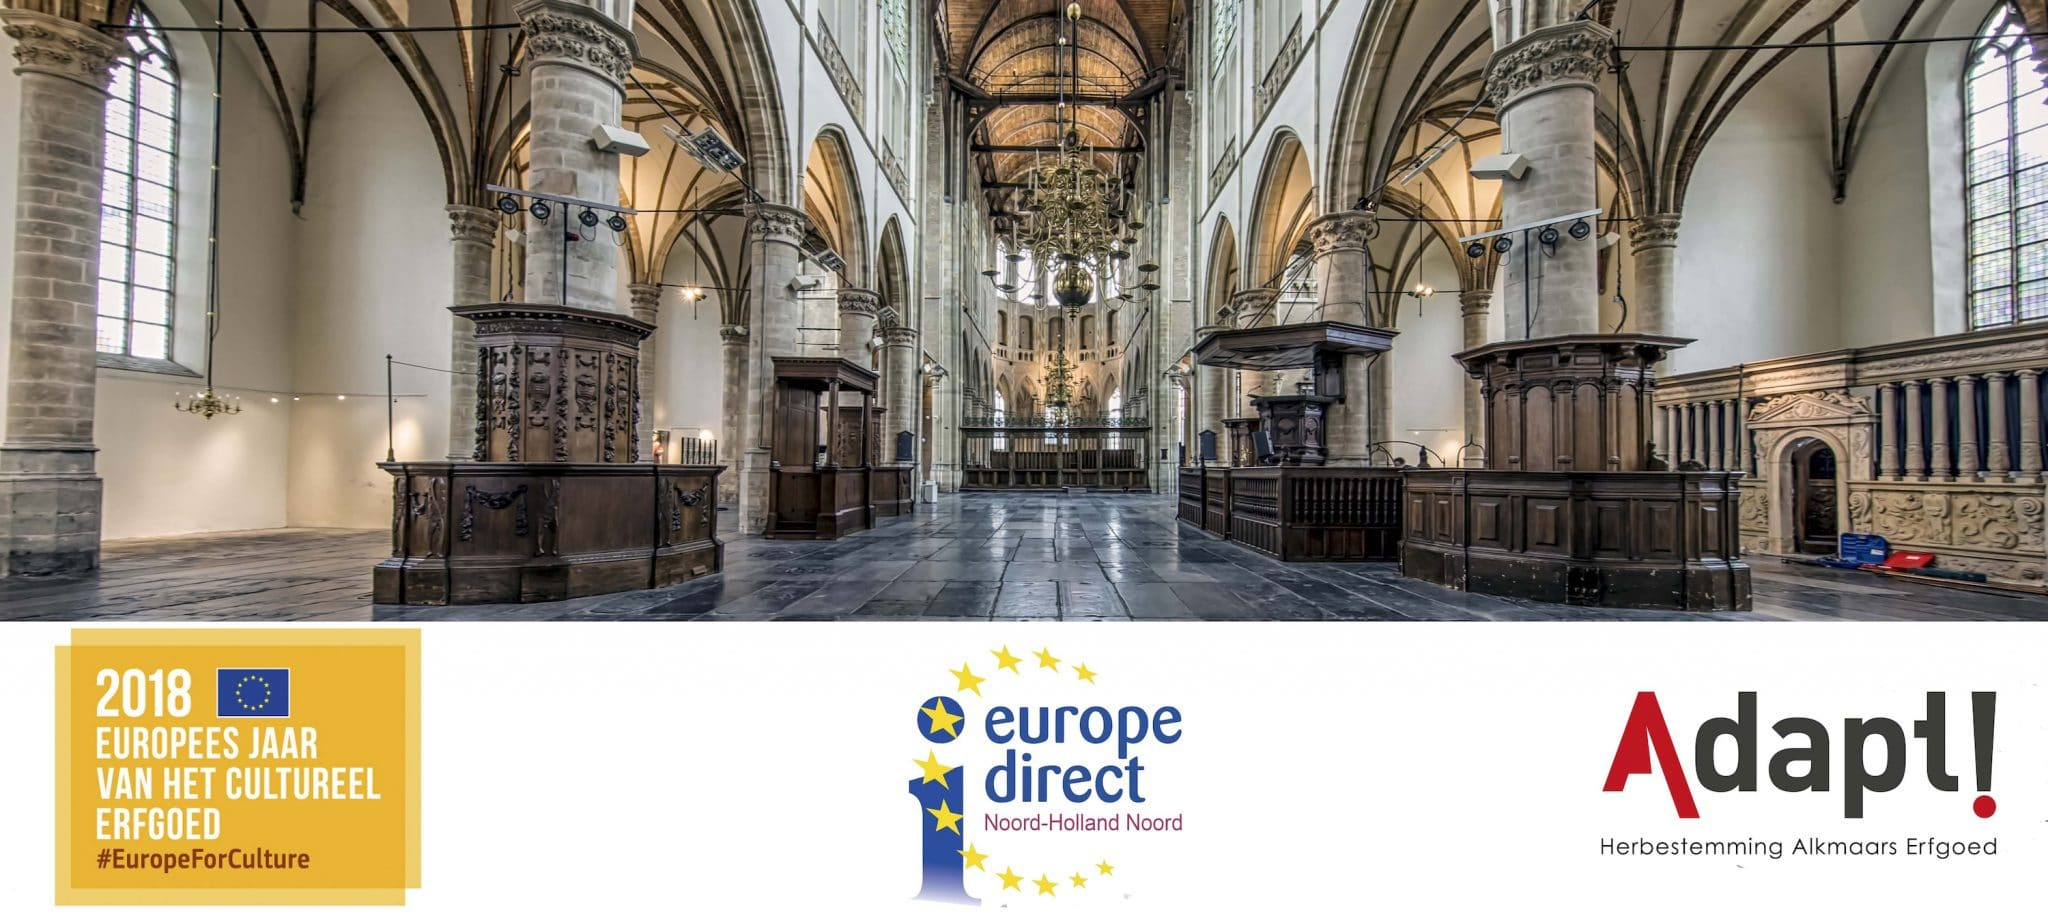 Grote Kerk – Foto Rein Schouten